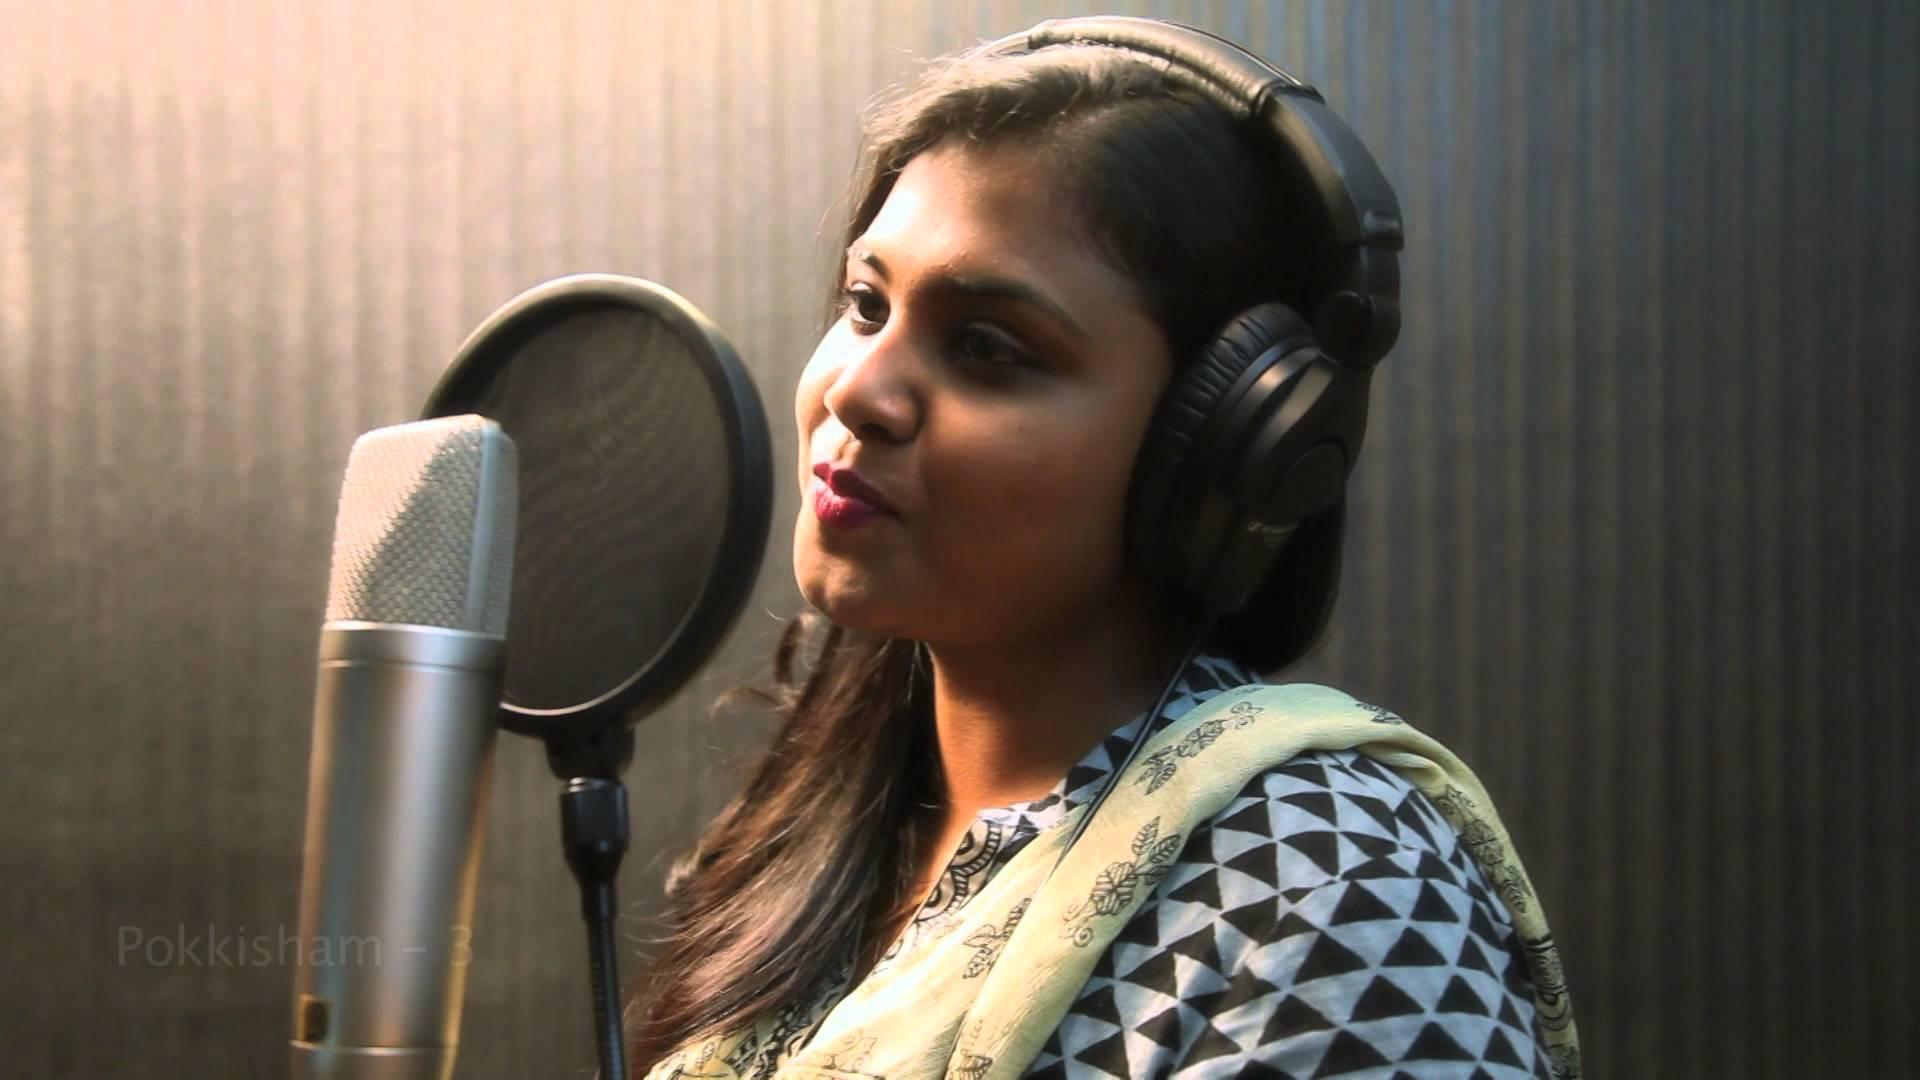 Pokkisham 3 – ennai marava (tamil christian songs) – christ music.